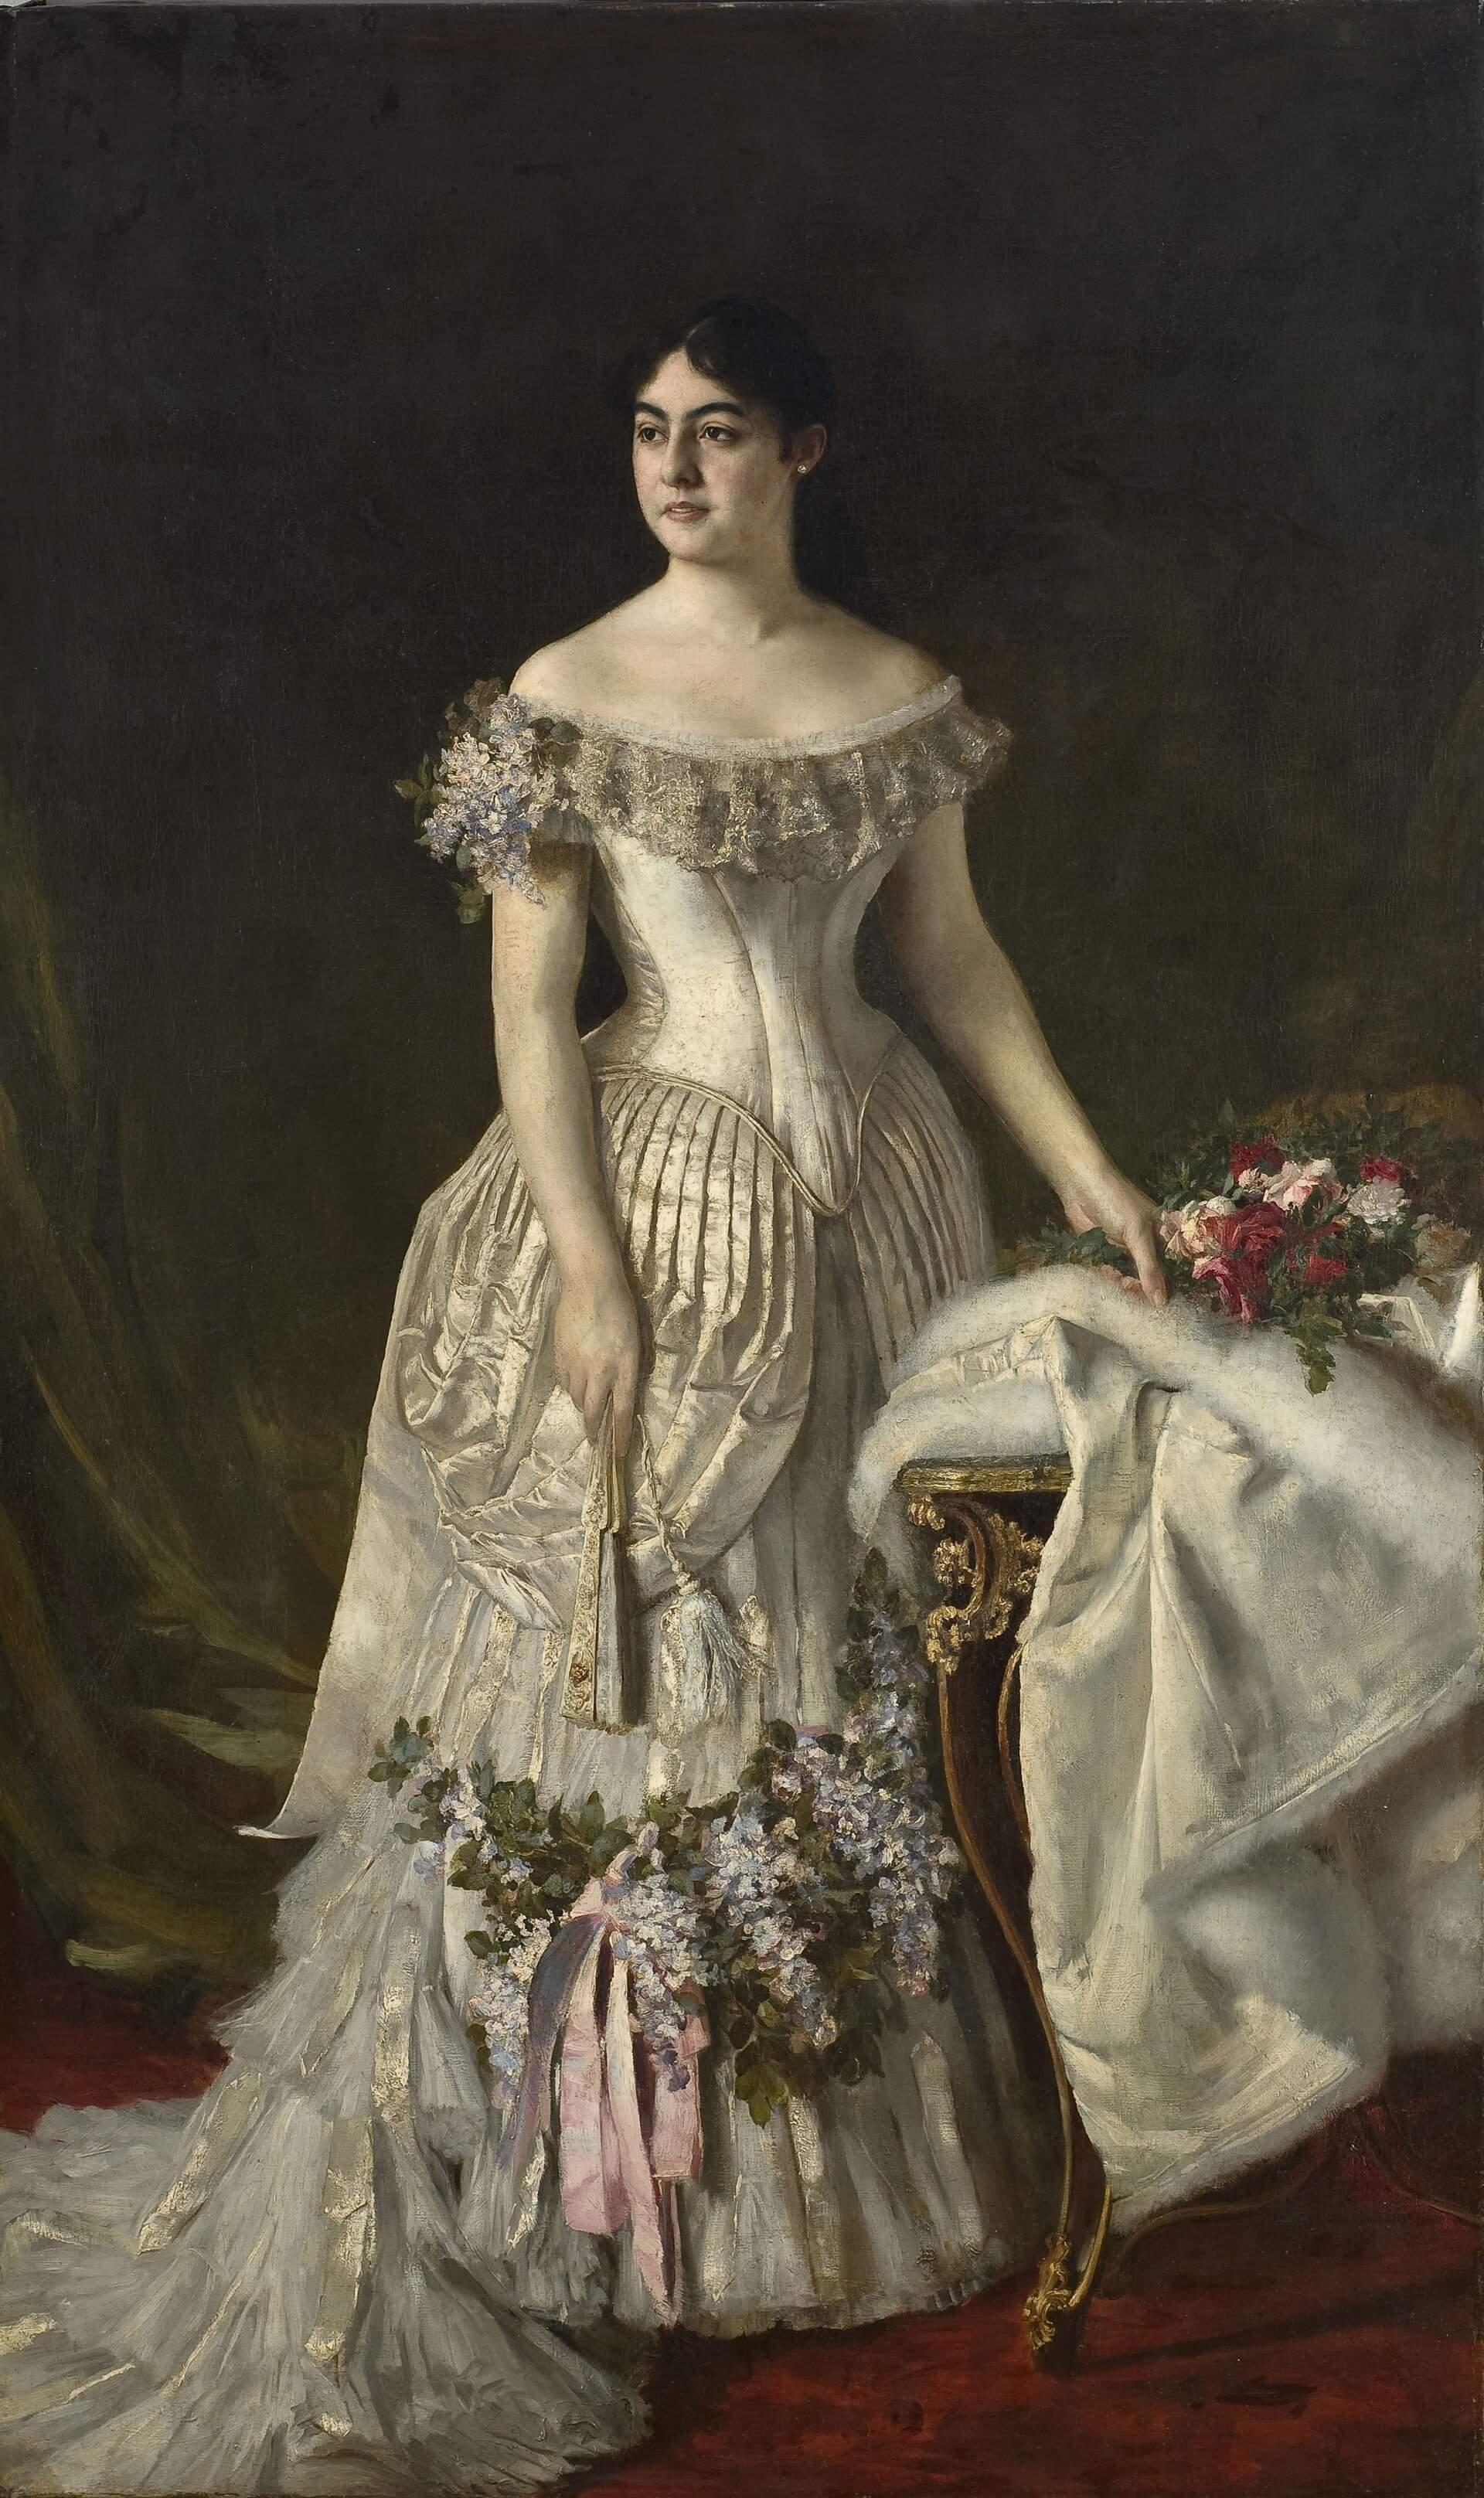 (1882) ulje na platnu, 214 × 131 cm